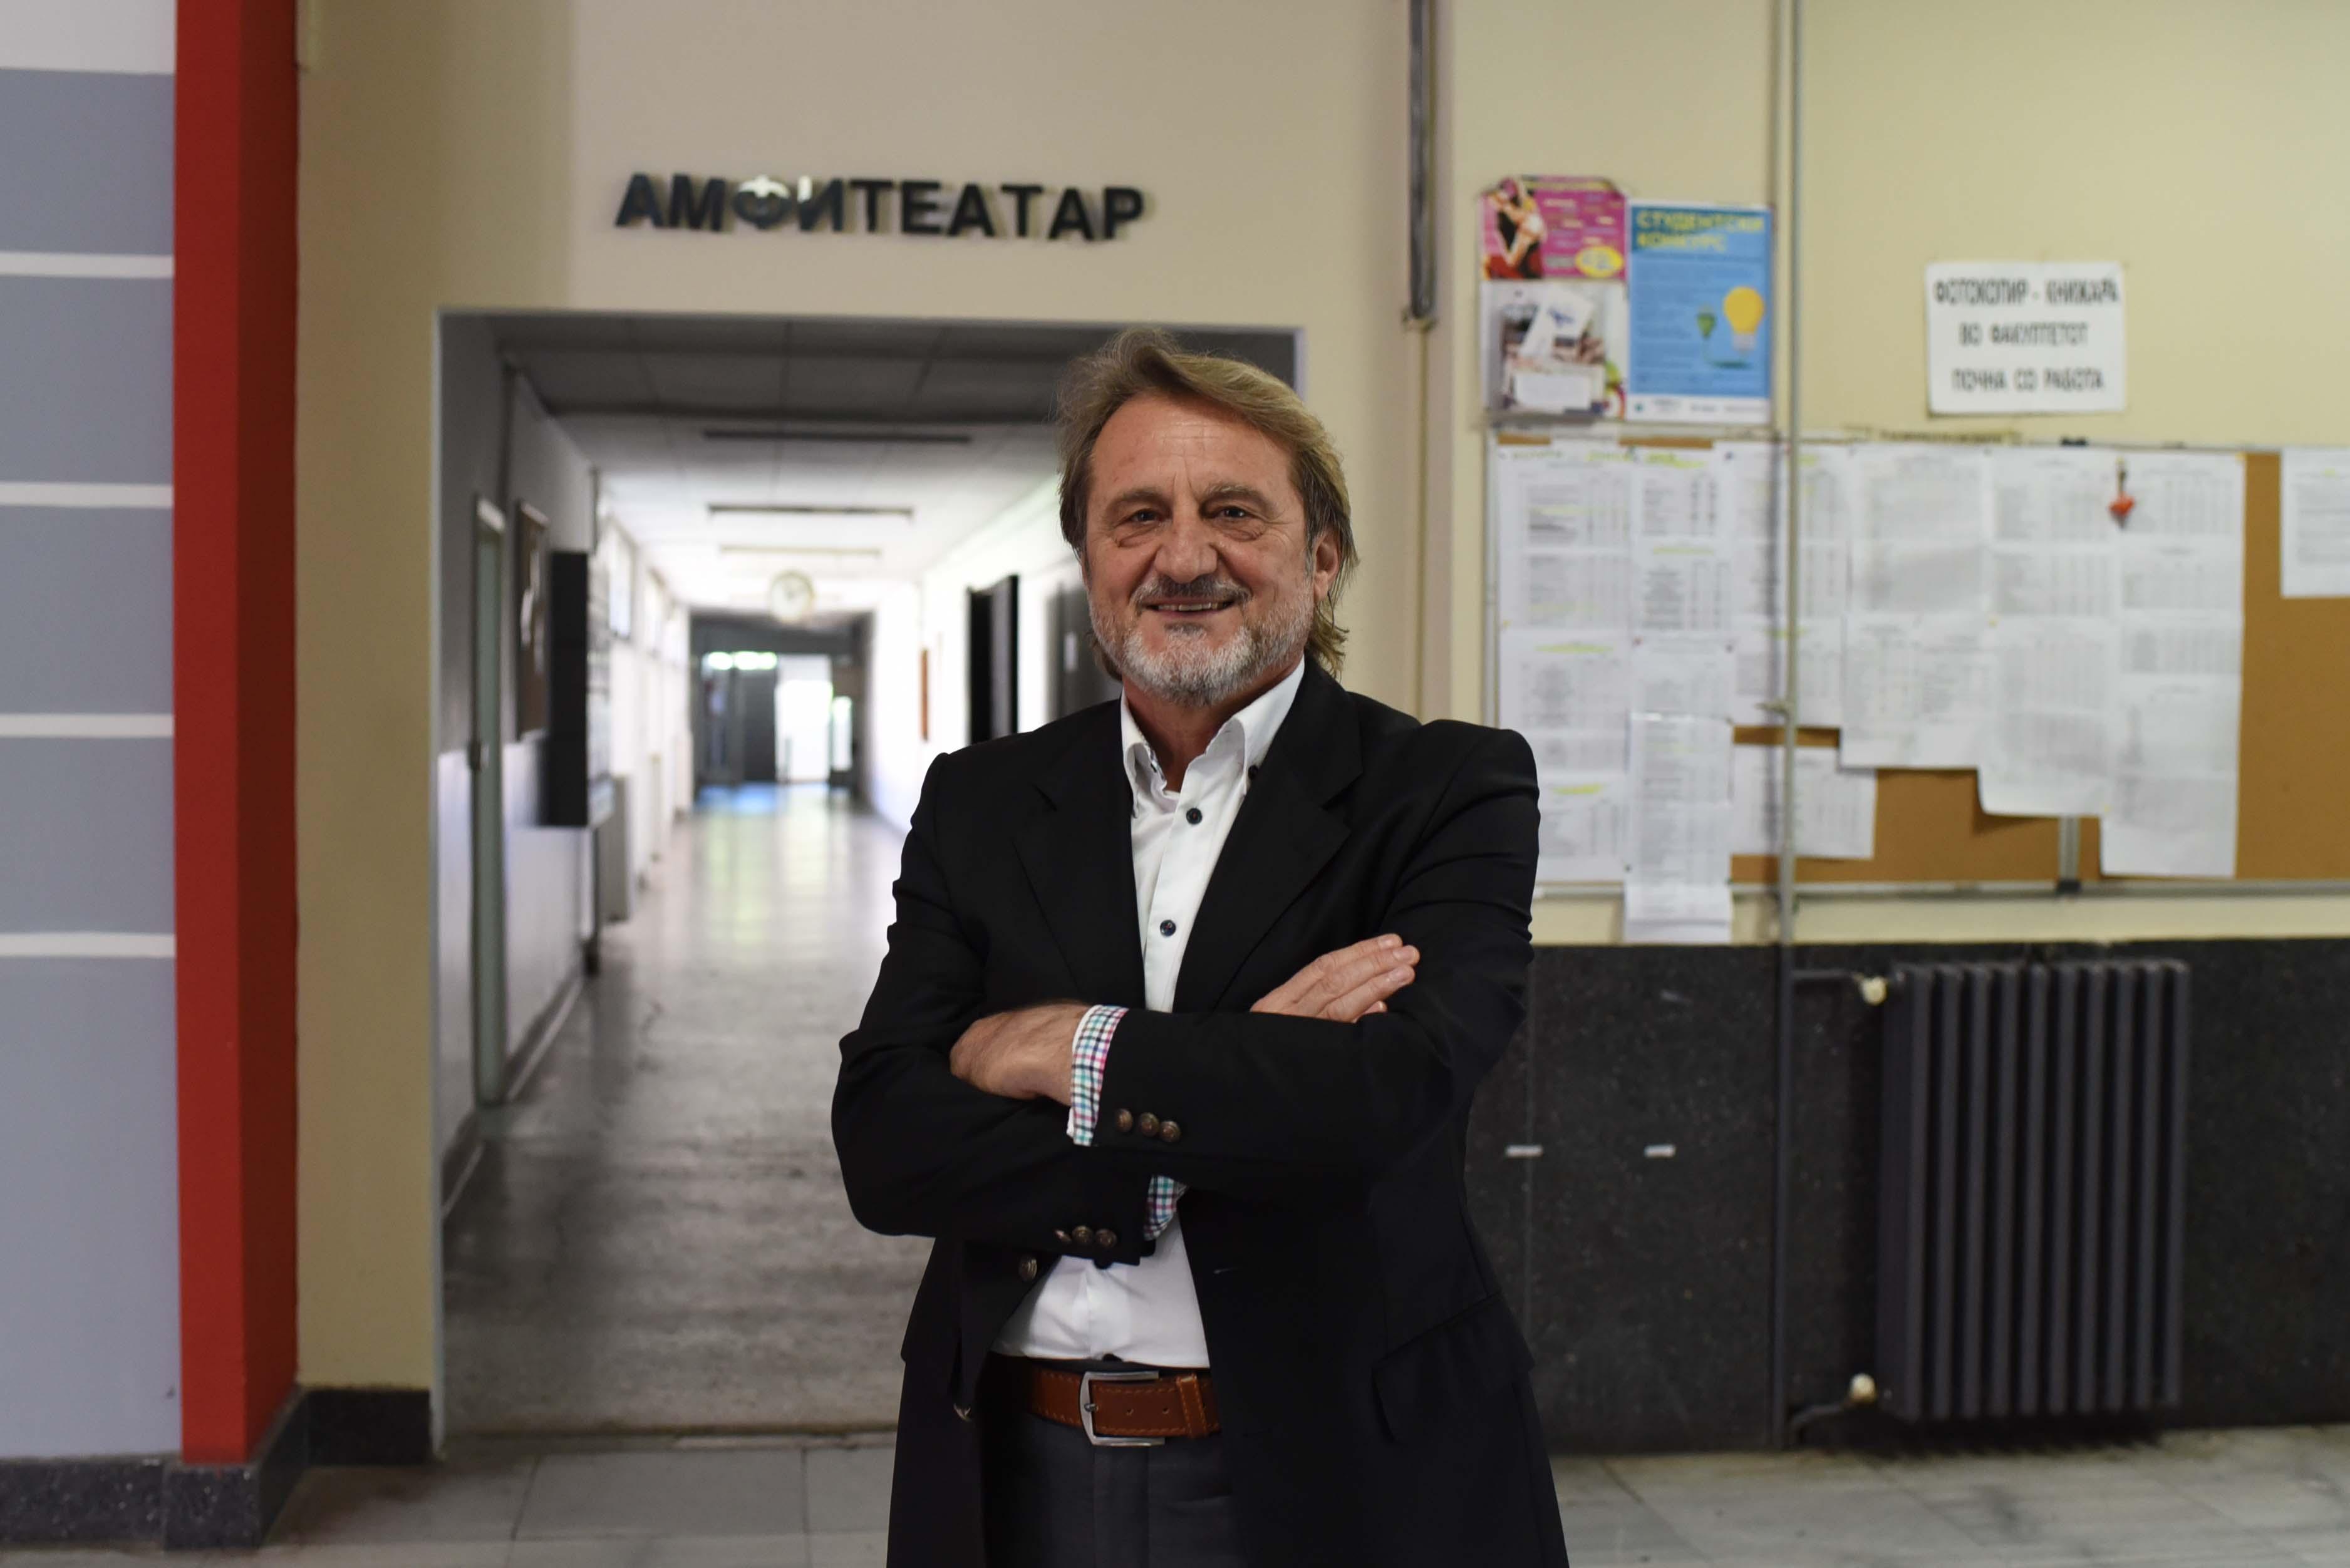 Проф. д-р Александар Димитров, кандидат за ректор: Враќање на УКИМ на нагорна патека како висококомпетентна и релевантна научна образовна институција во регионот и пошироко